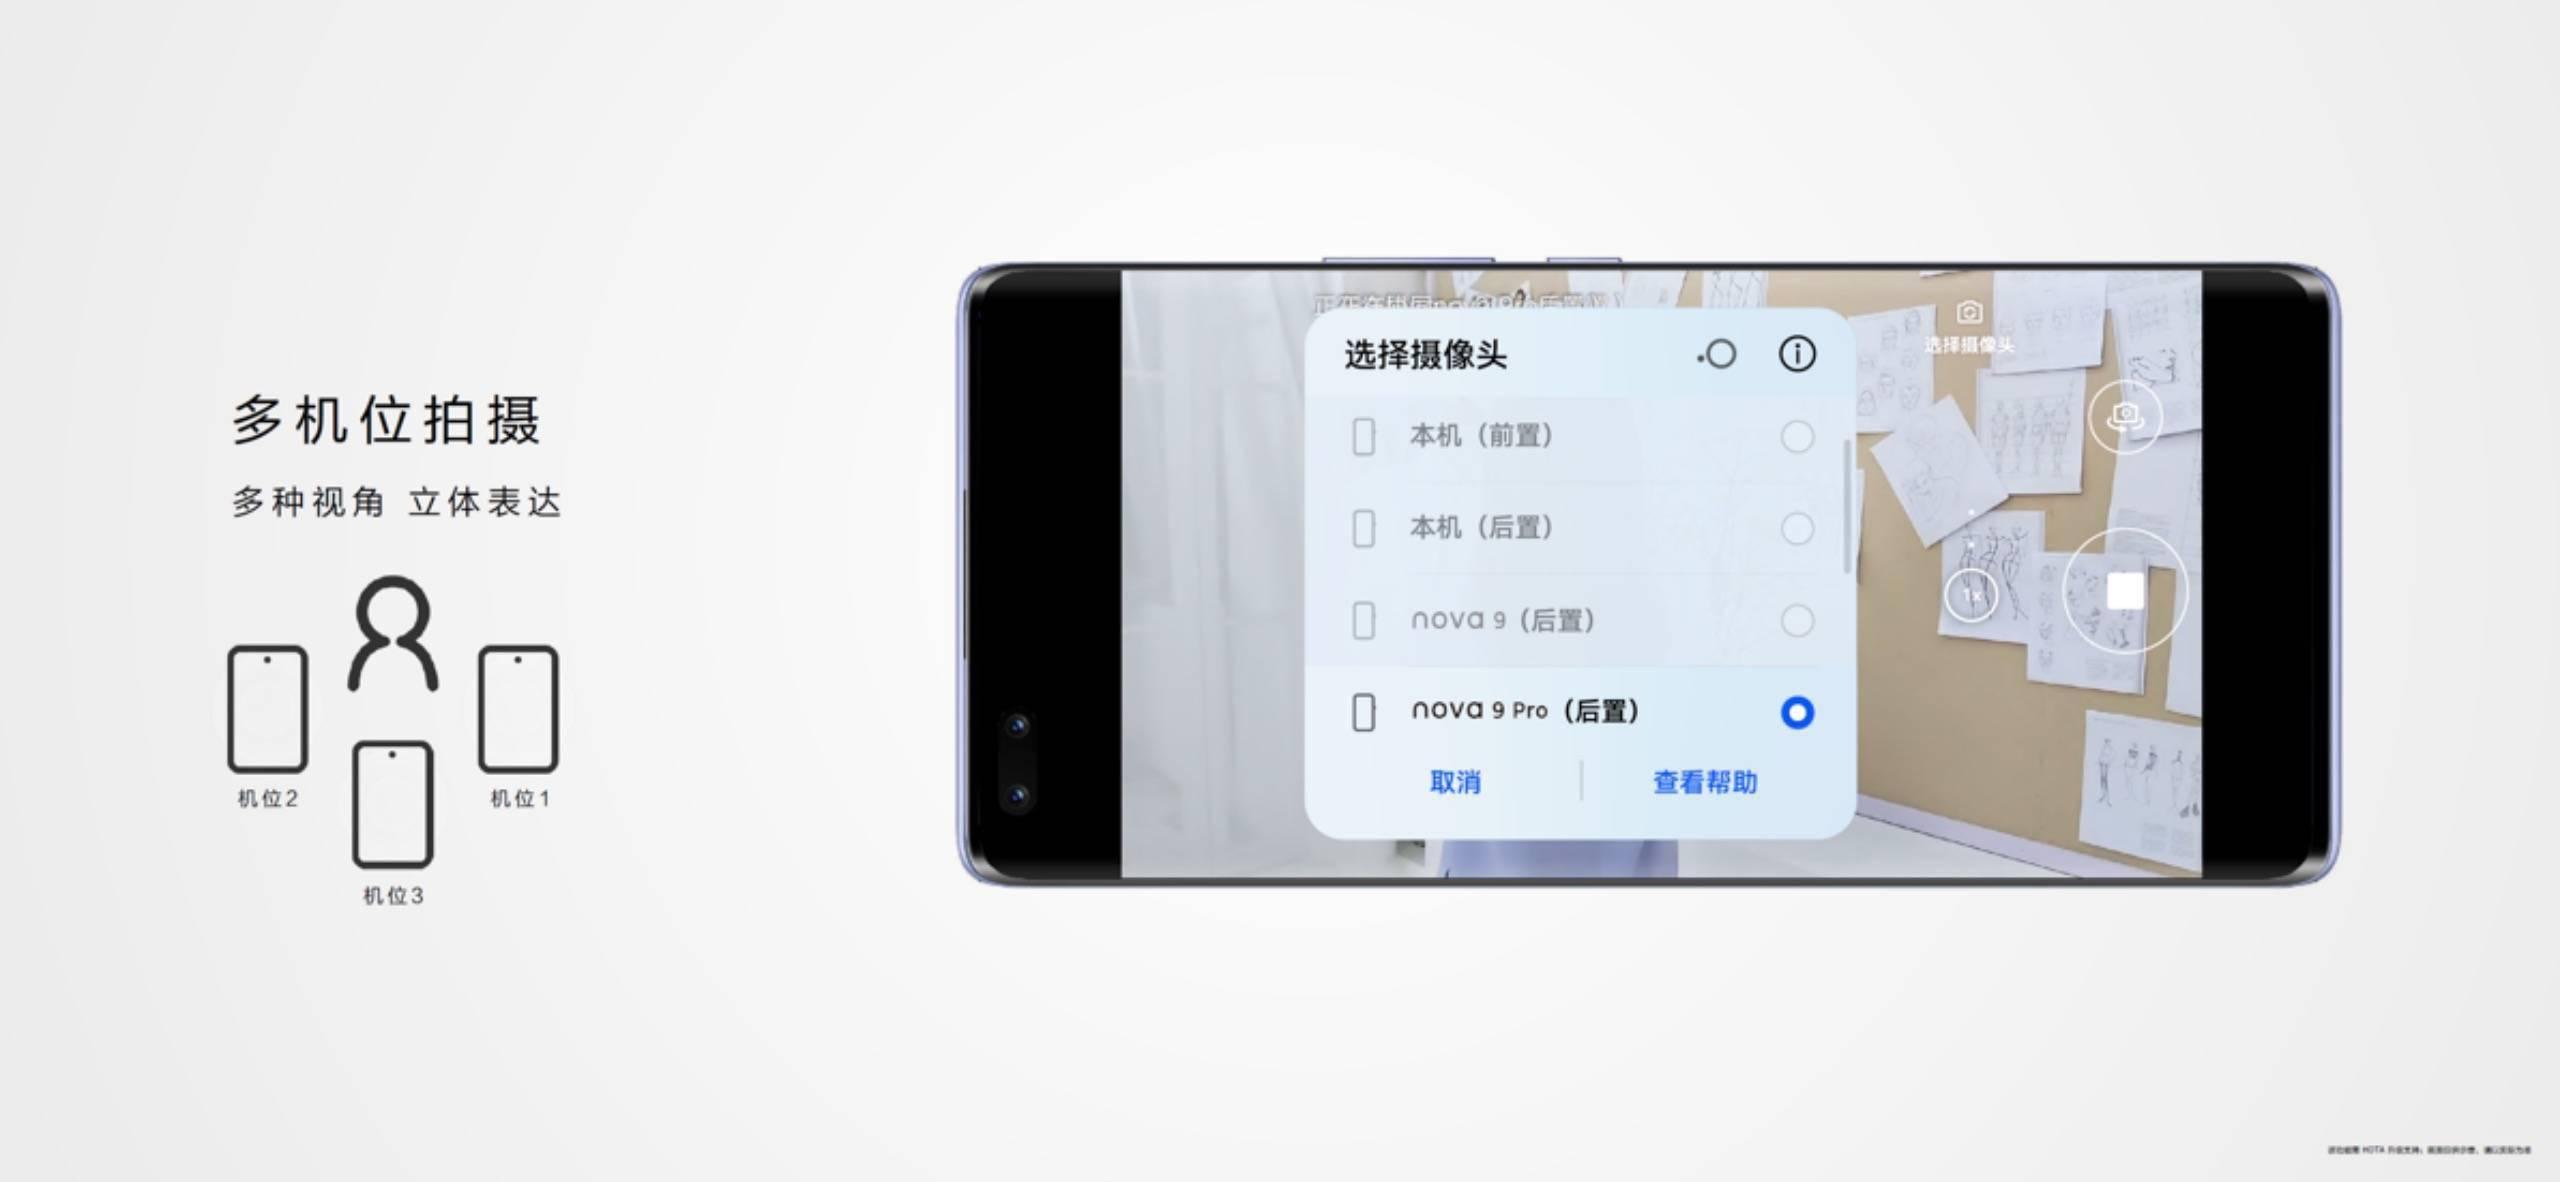 年轻人的第一台鸿蒙手机?华为nova9新机出厂预装鸿蒙系统